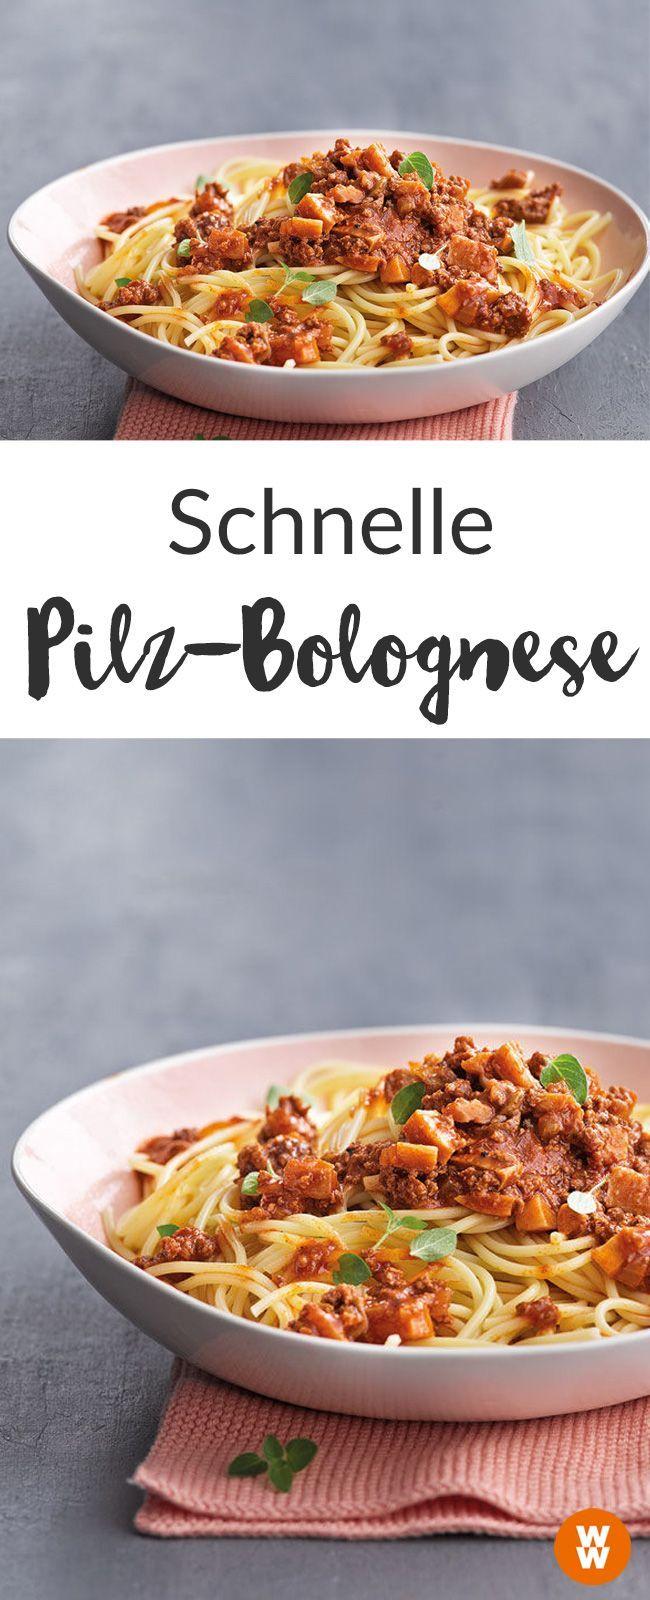 Schnelle Pilz-Bolognese mit Spaghetti Rezept   WW Deutschland